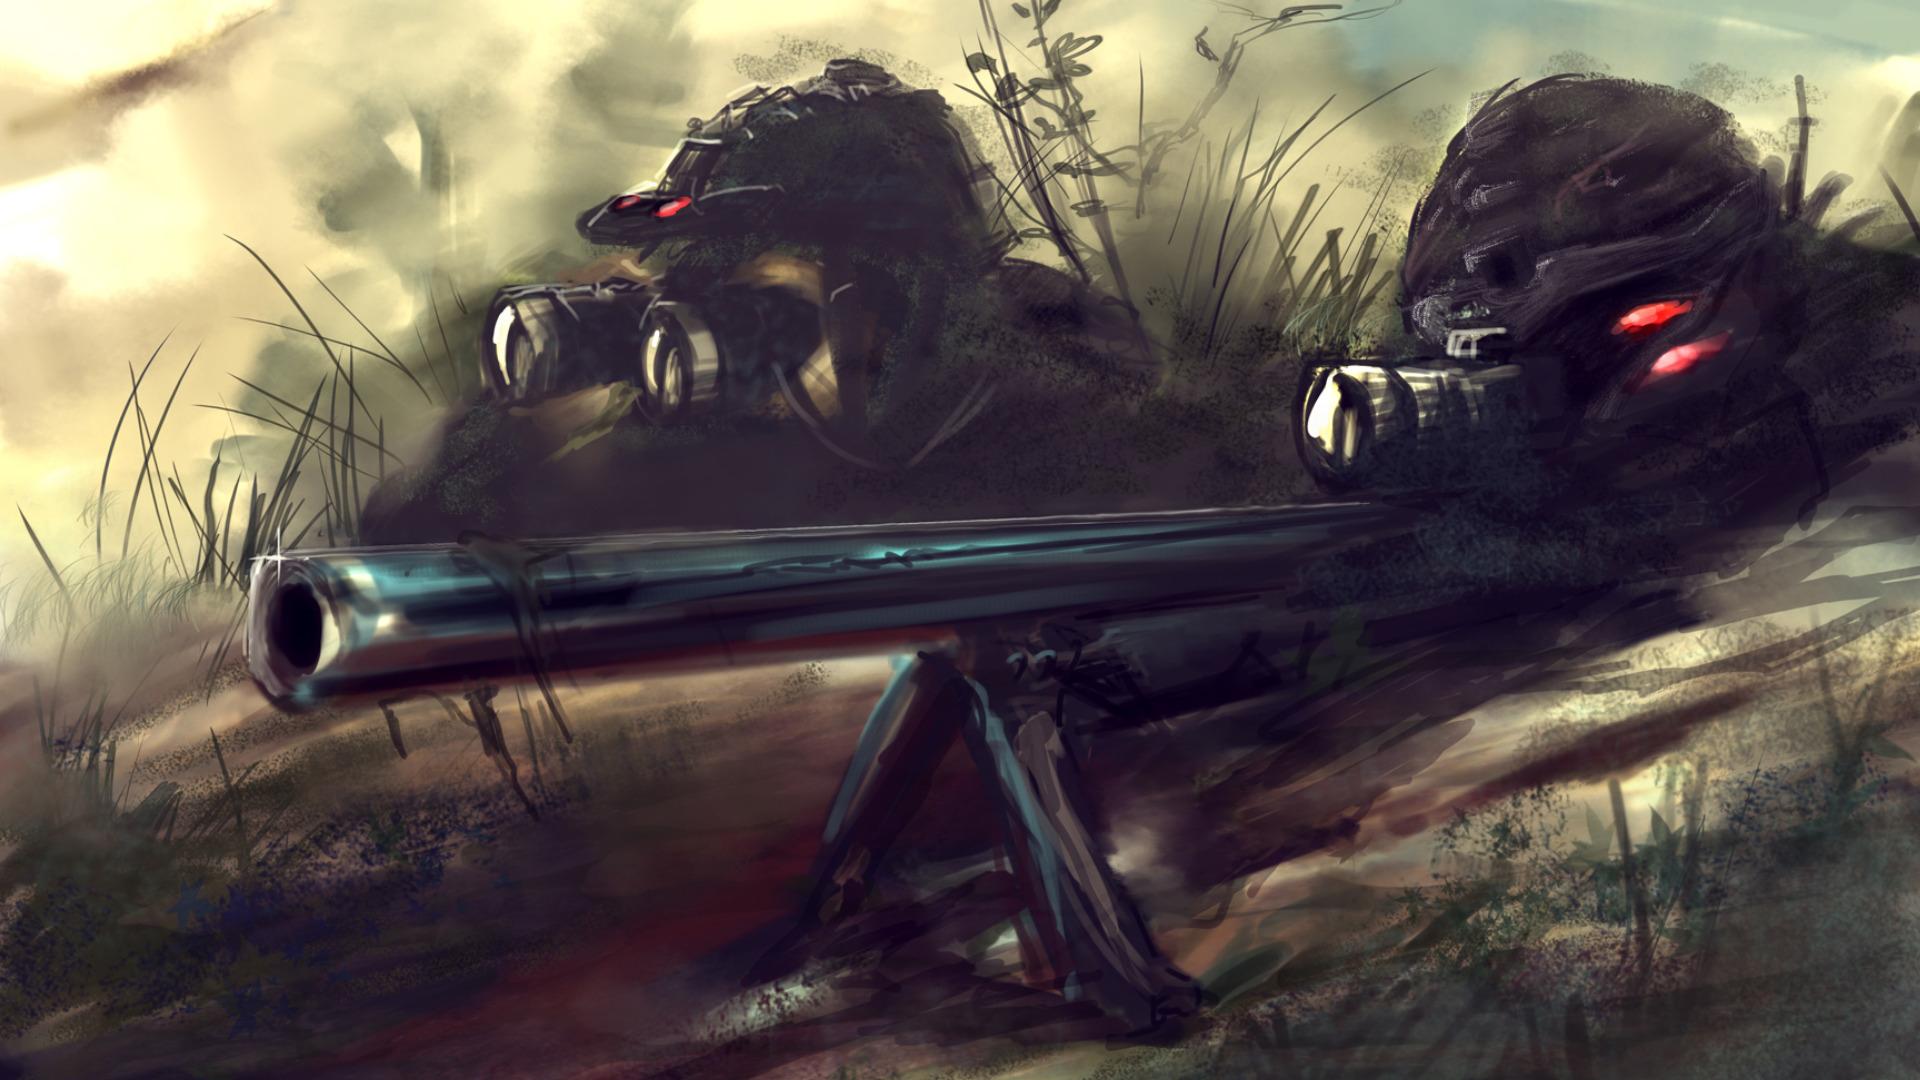 sniper wallpaper wallpapersafari